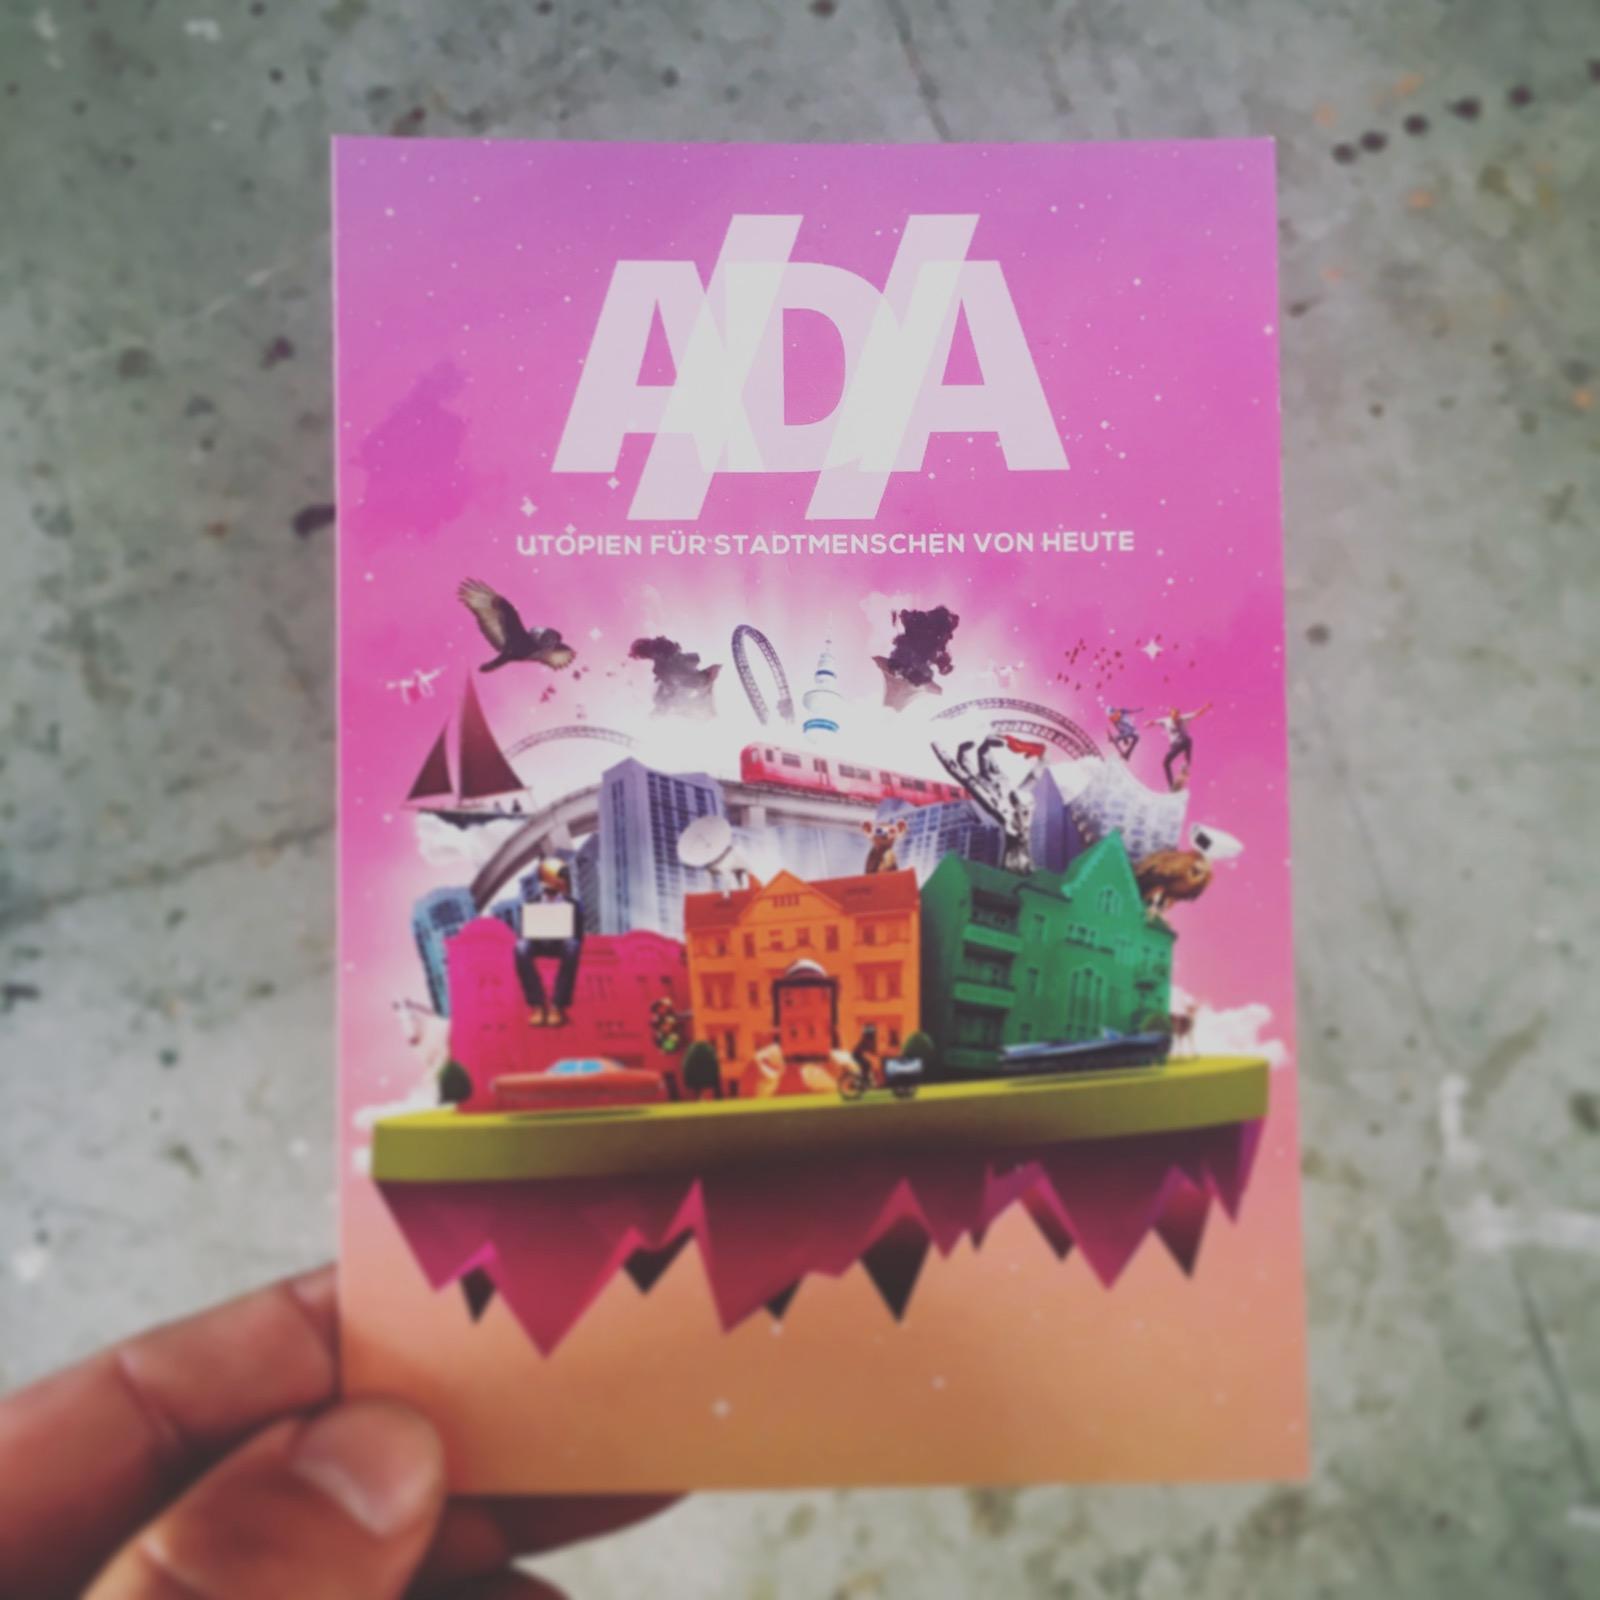 lean artist accelerator - A/D/A Hamburg